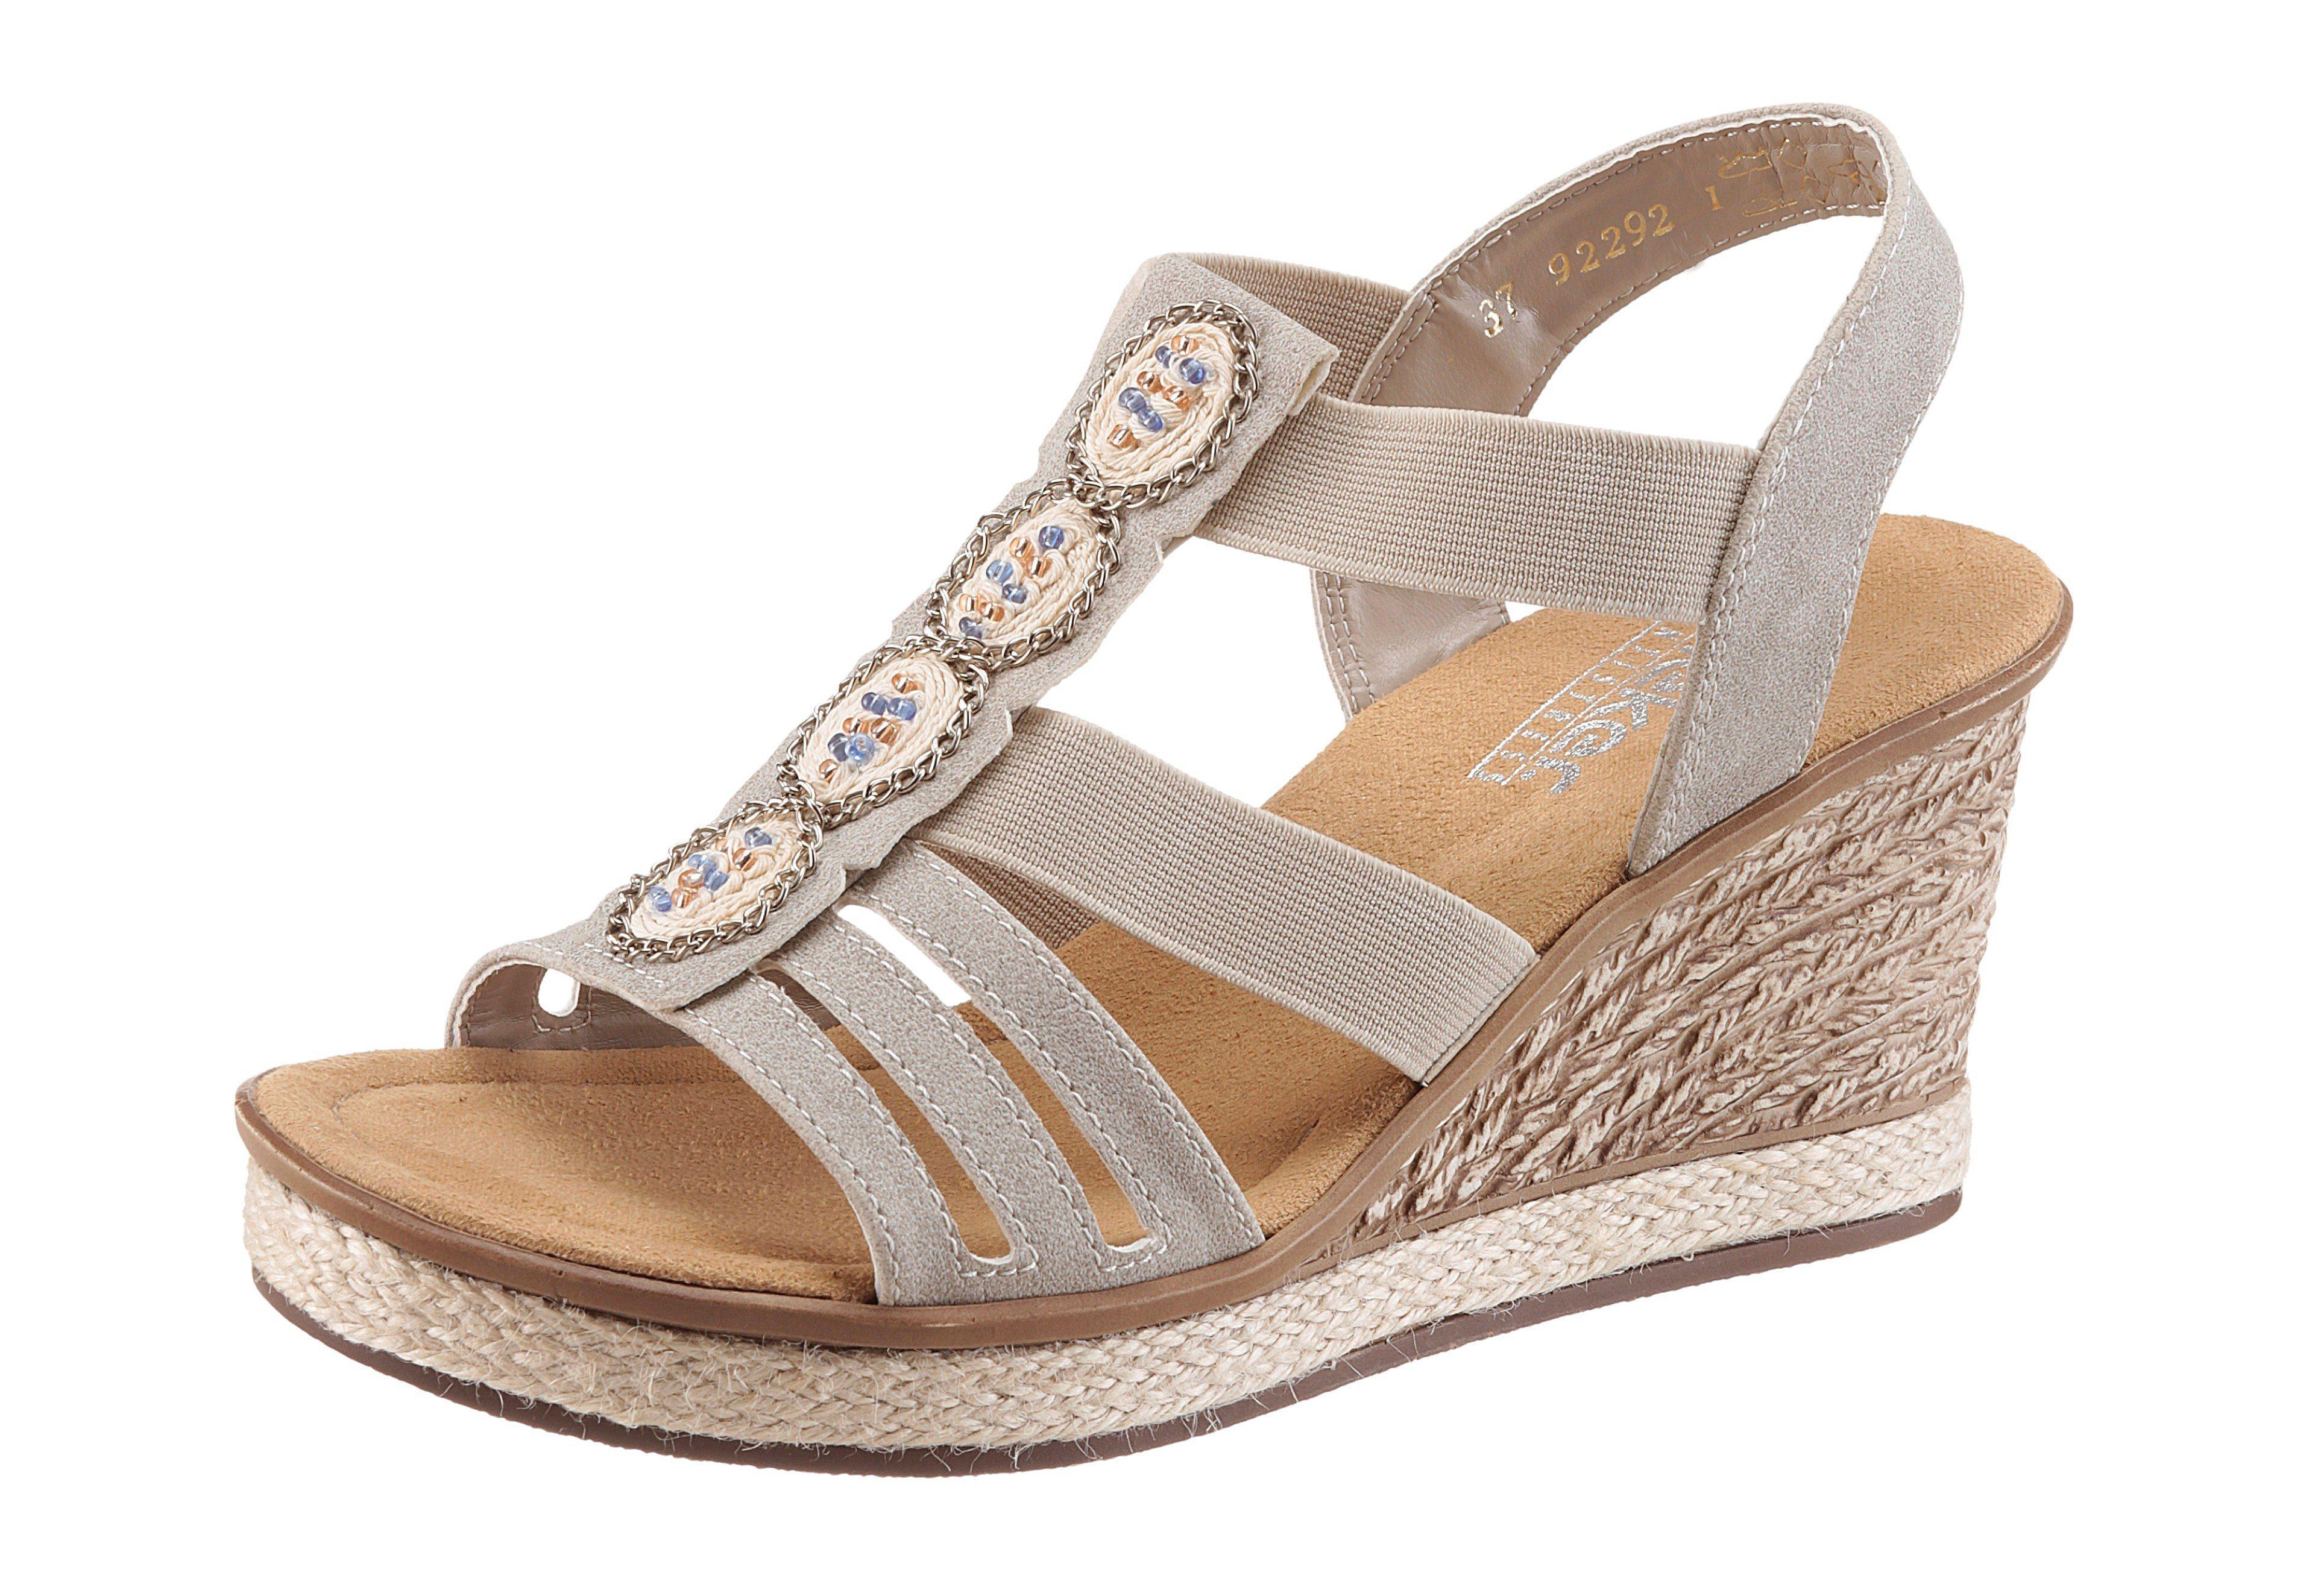 Sandales Compensées Rieker eLGU0zDiPK